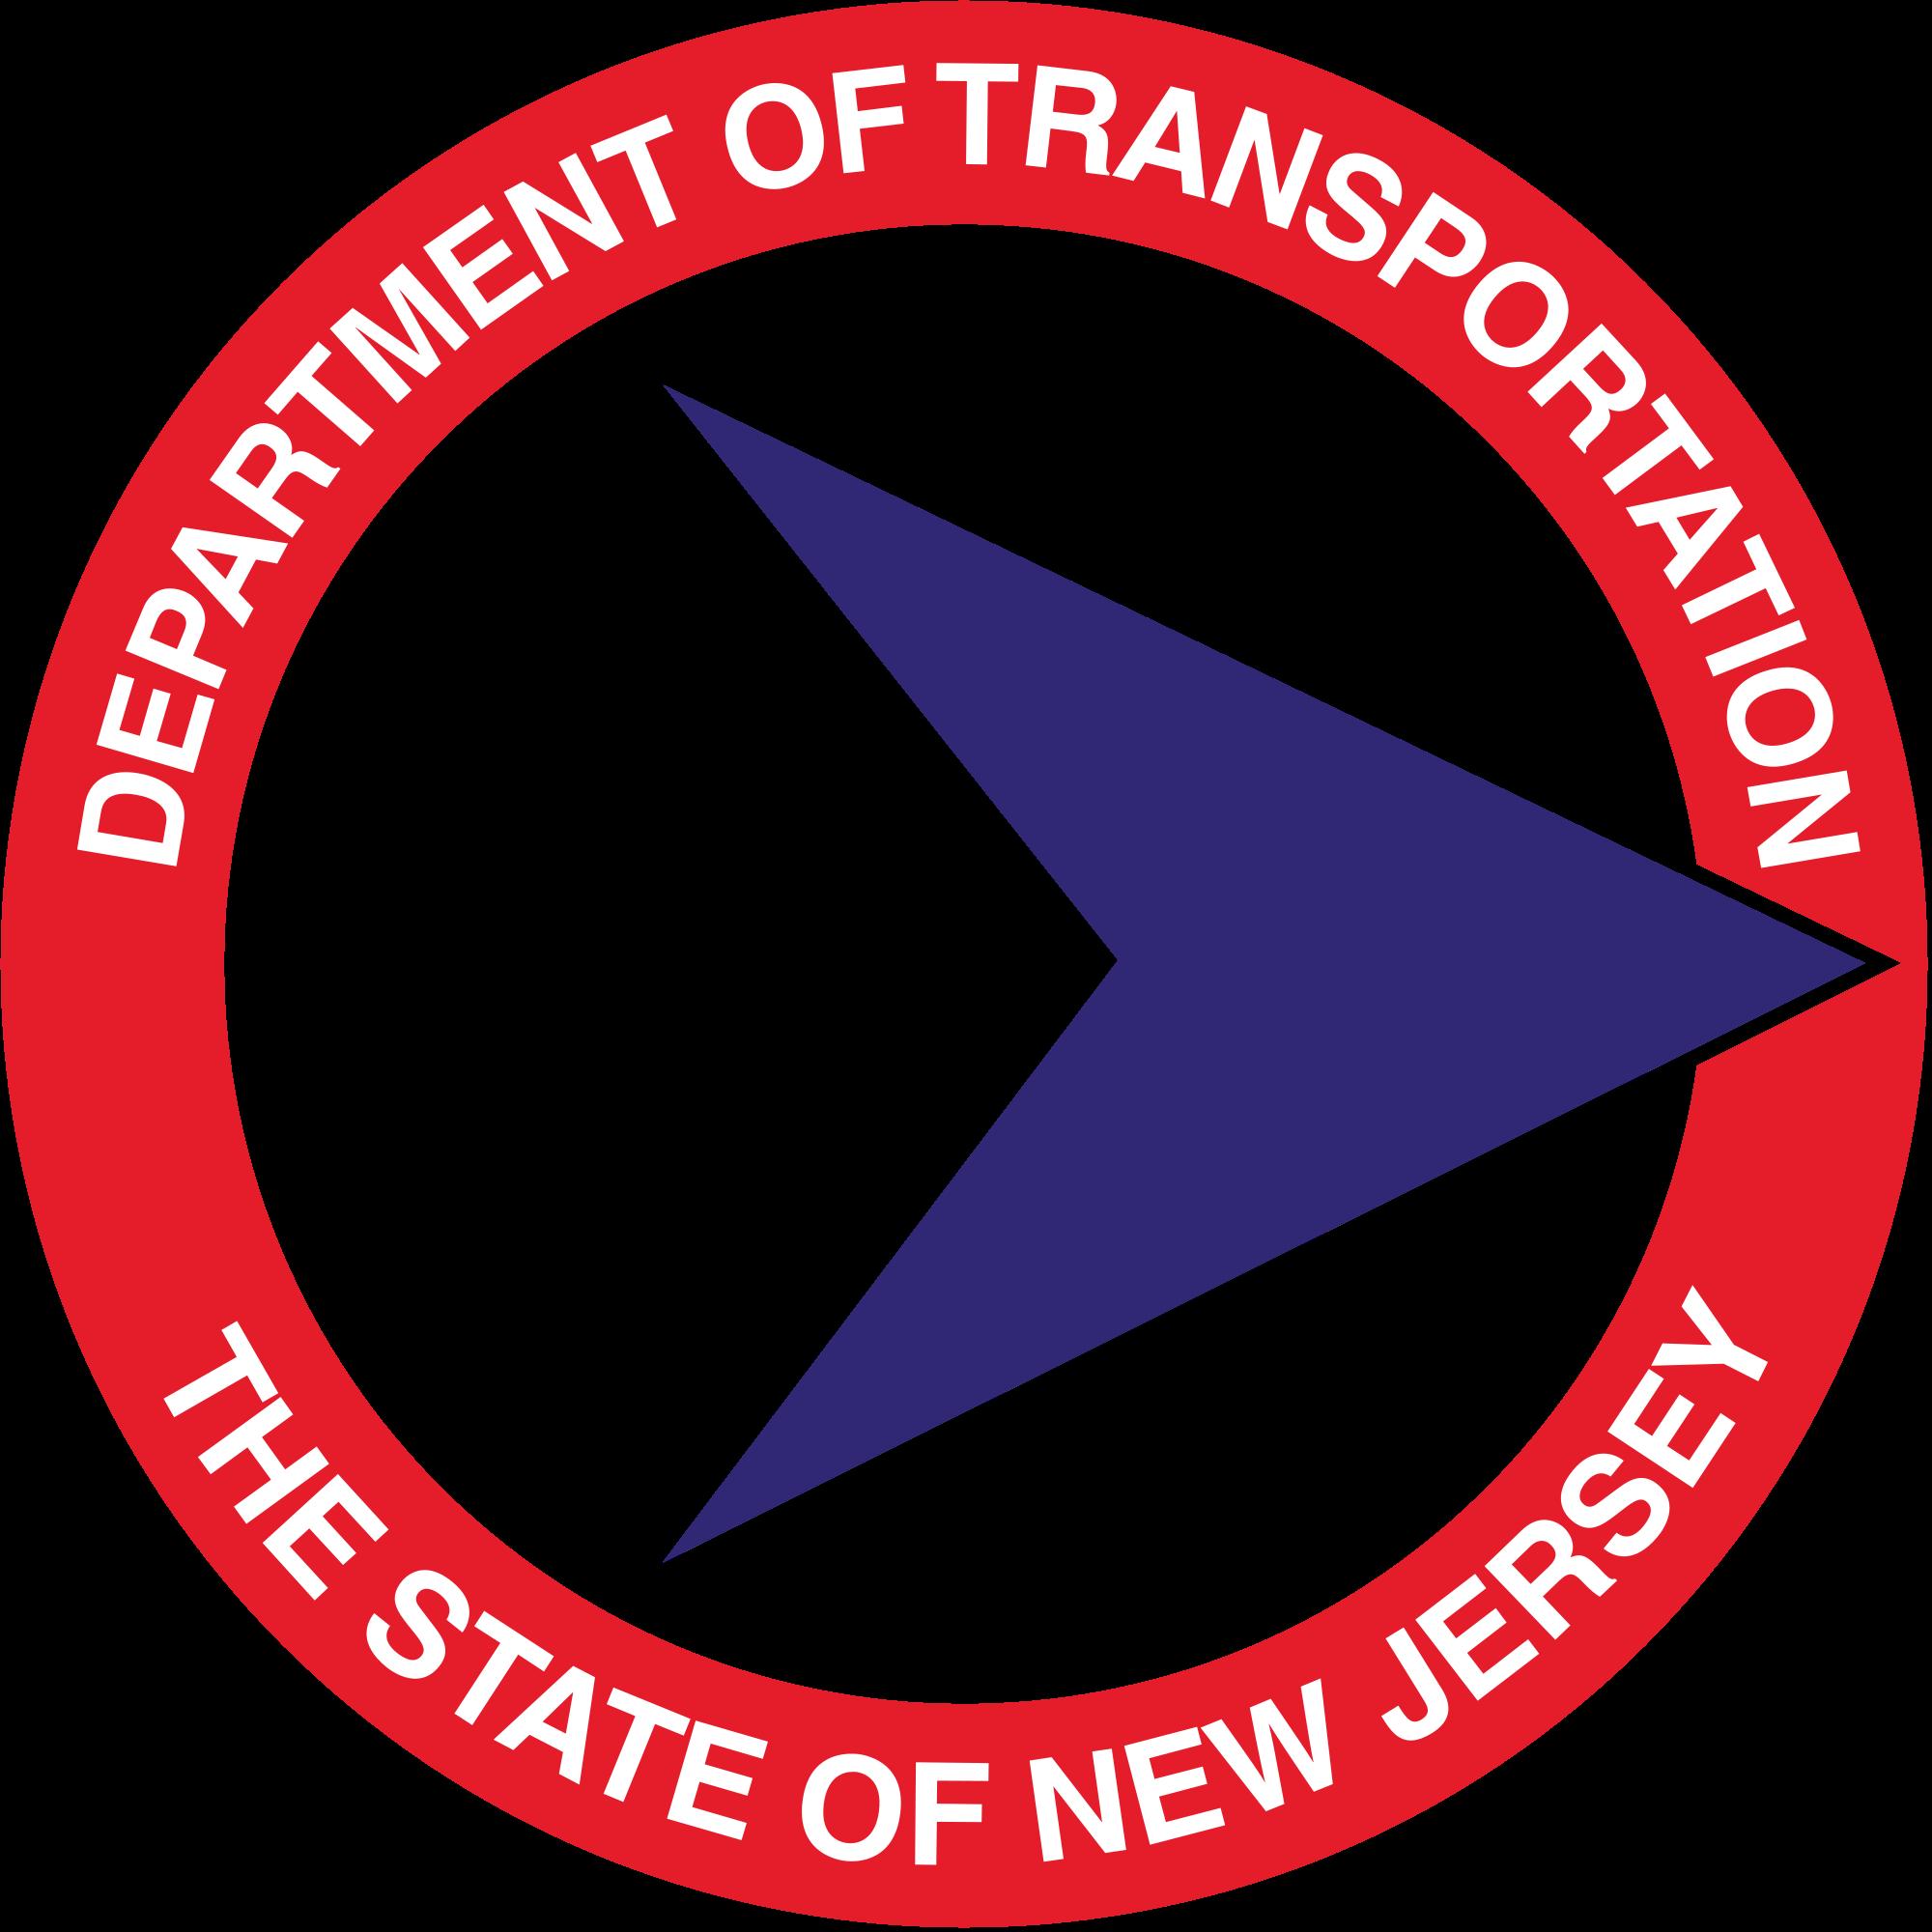 00a66614c6a2fbea6688_NJ_DOT_logo.jpg